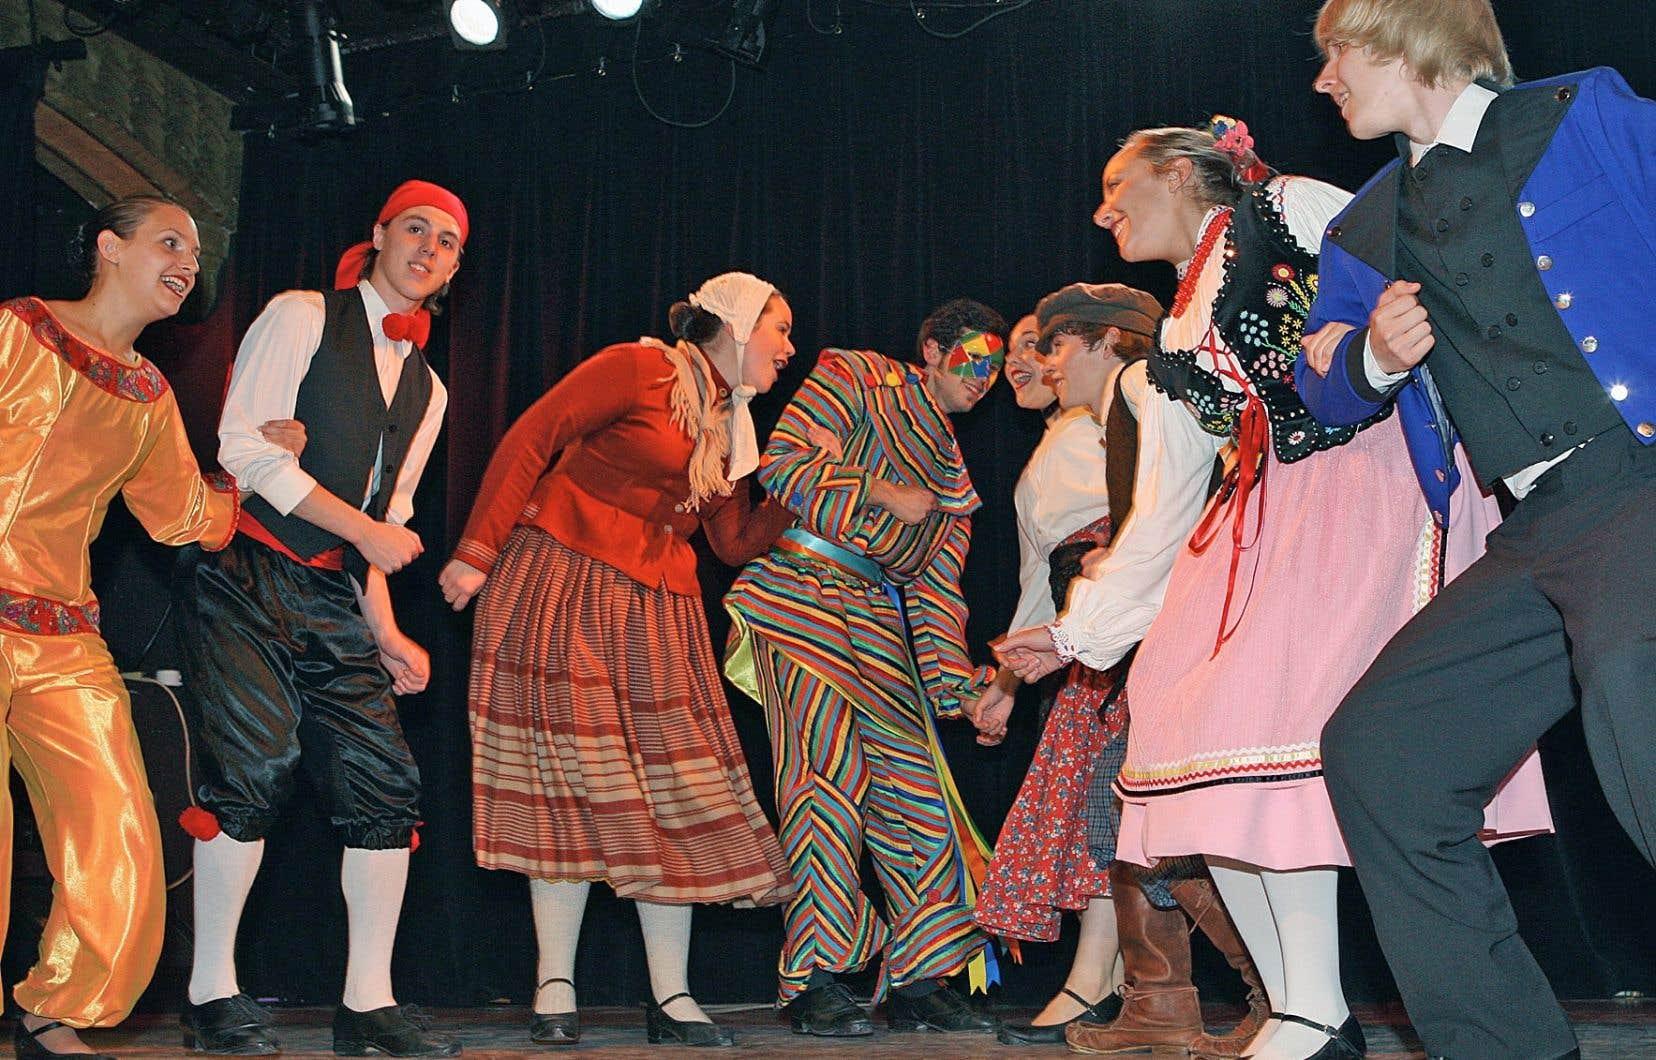 Le Québec se fait le champion de la diversité culturelle dans les arènes internationales.